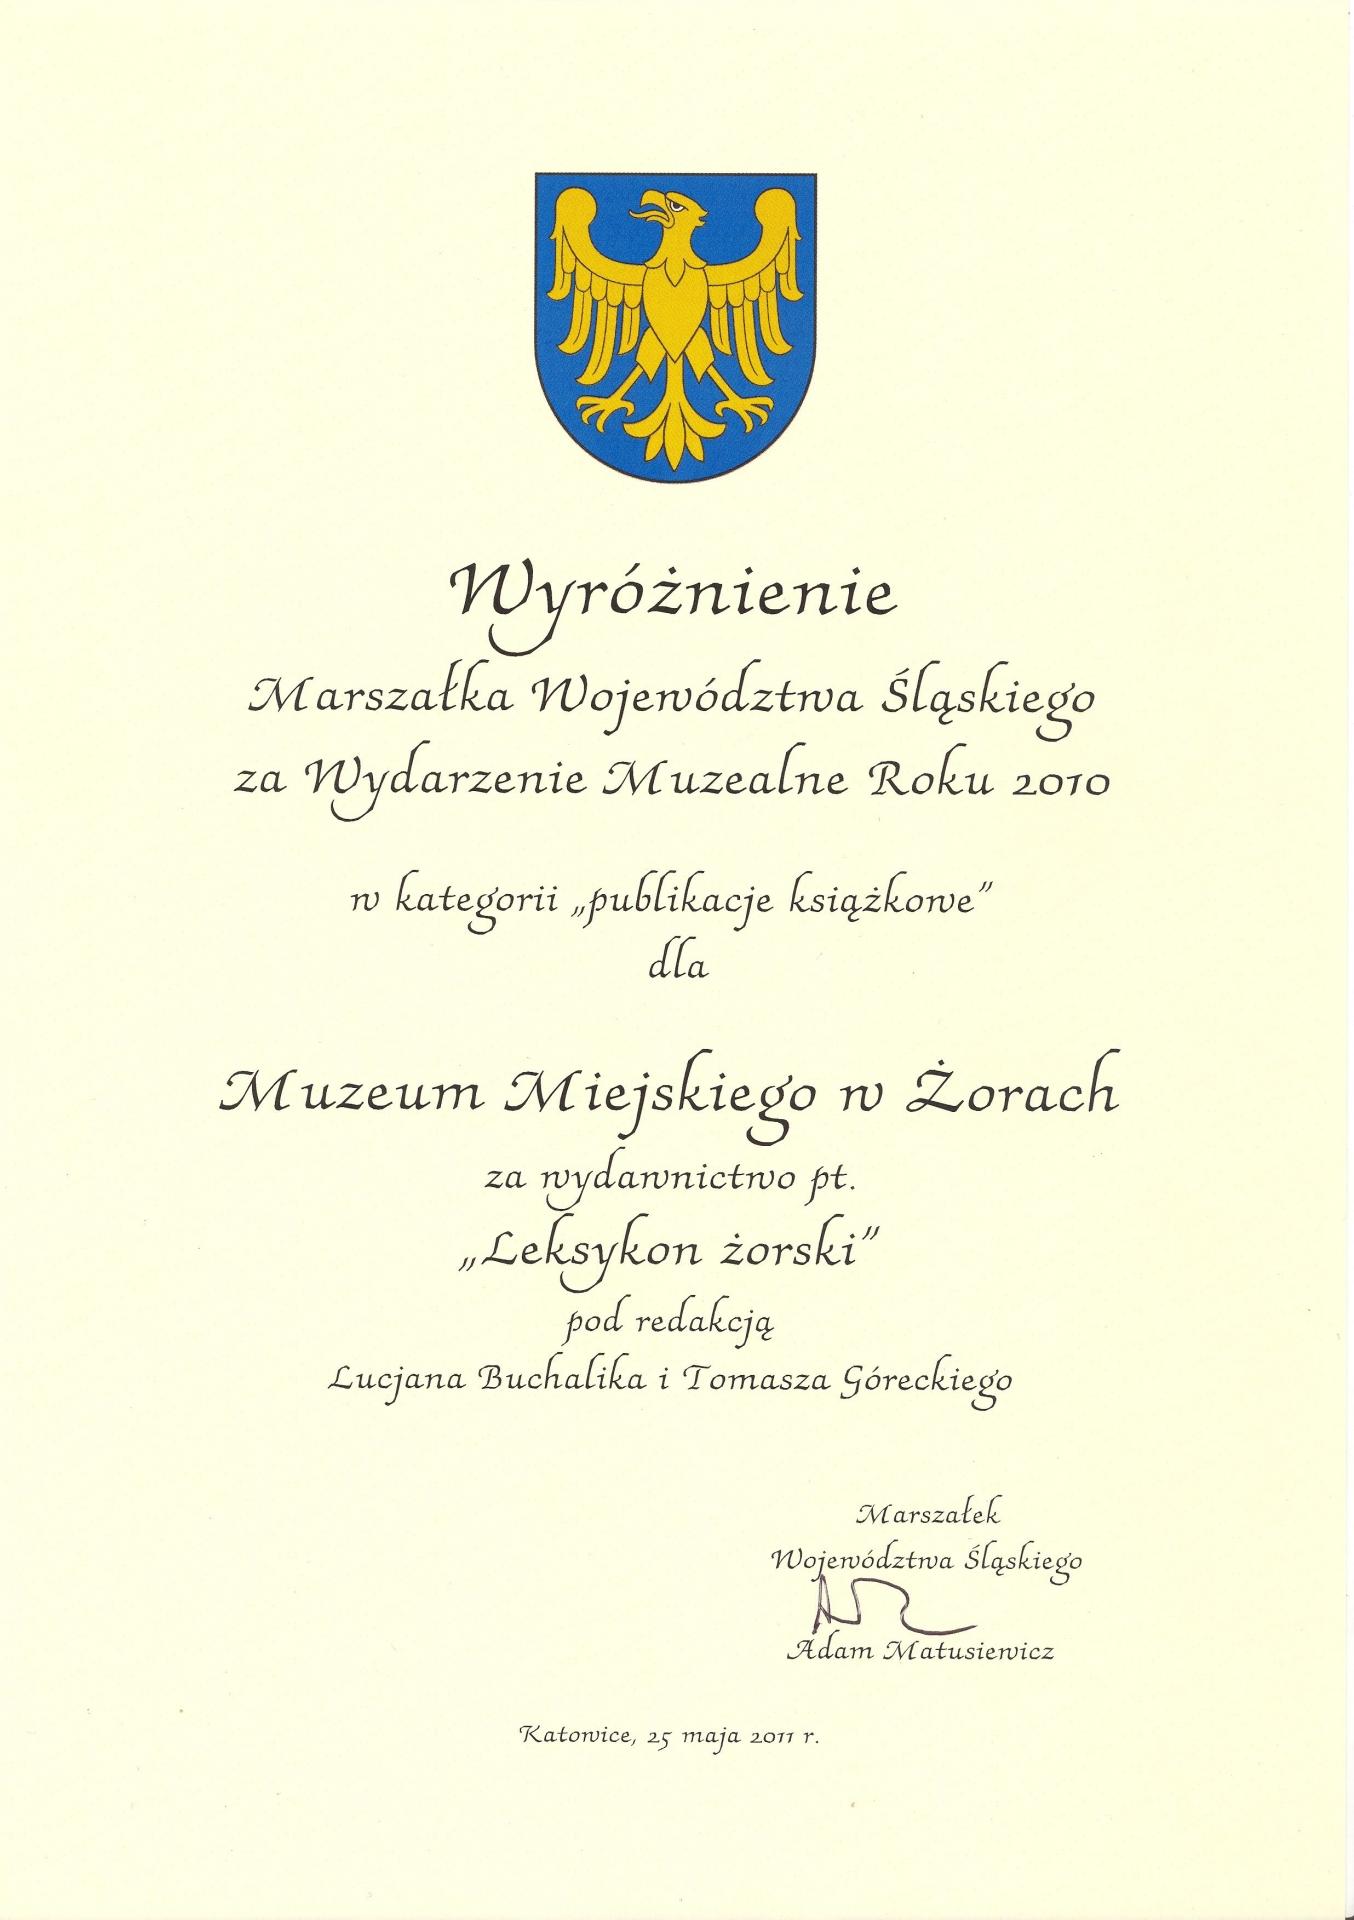 Nagroda Marszałka Województwa Śląskiego 2011